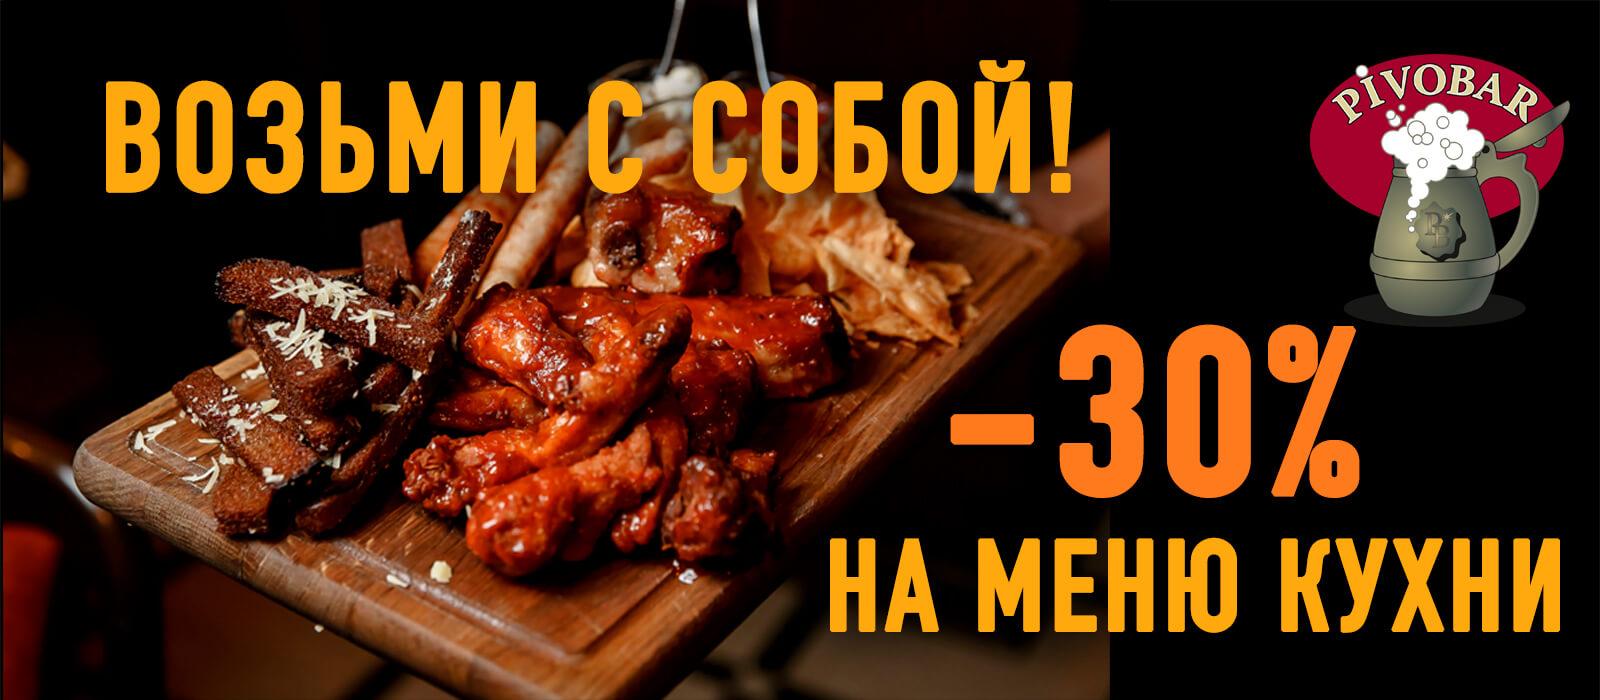 кухня -30